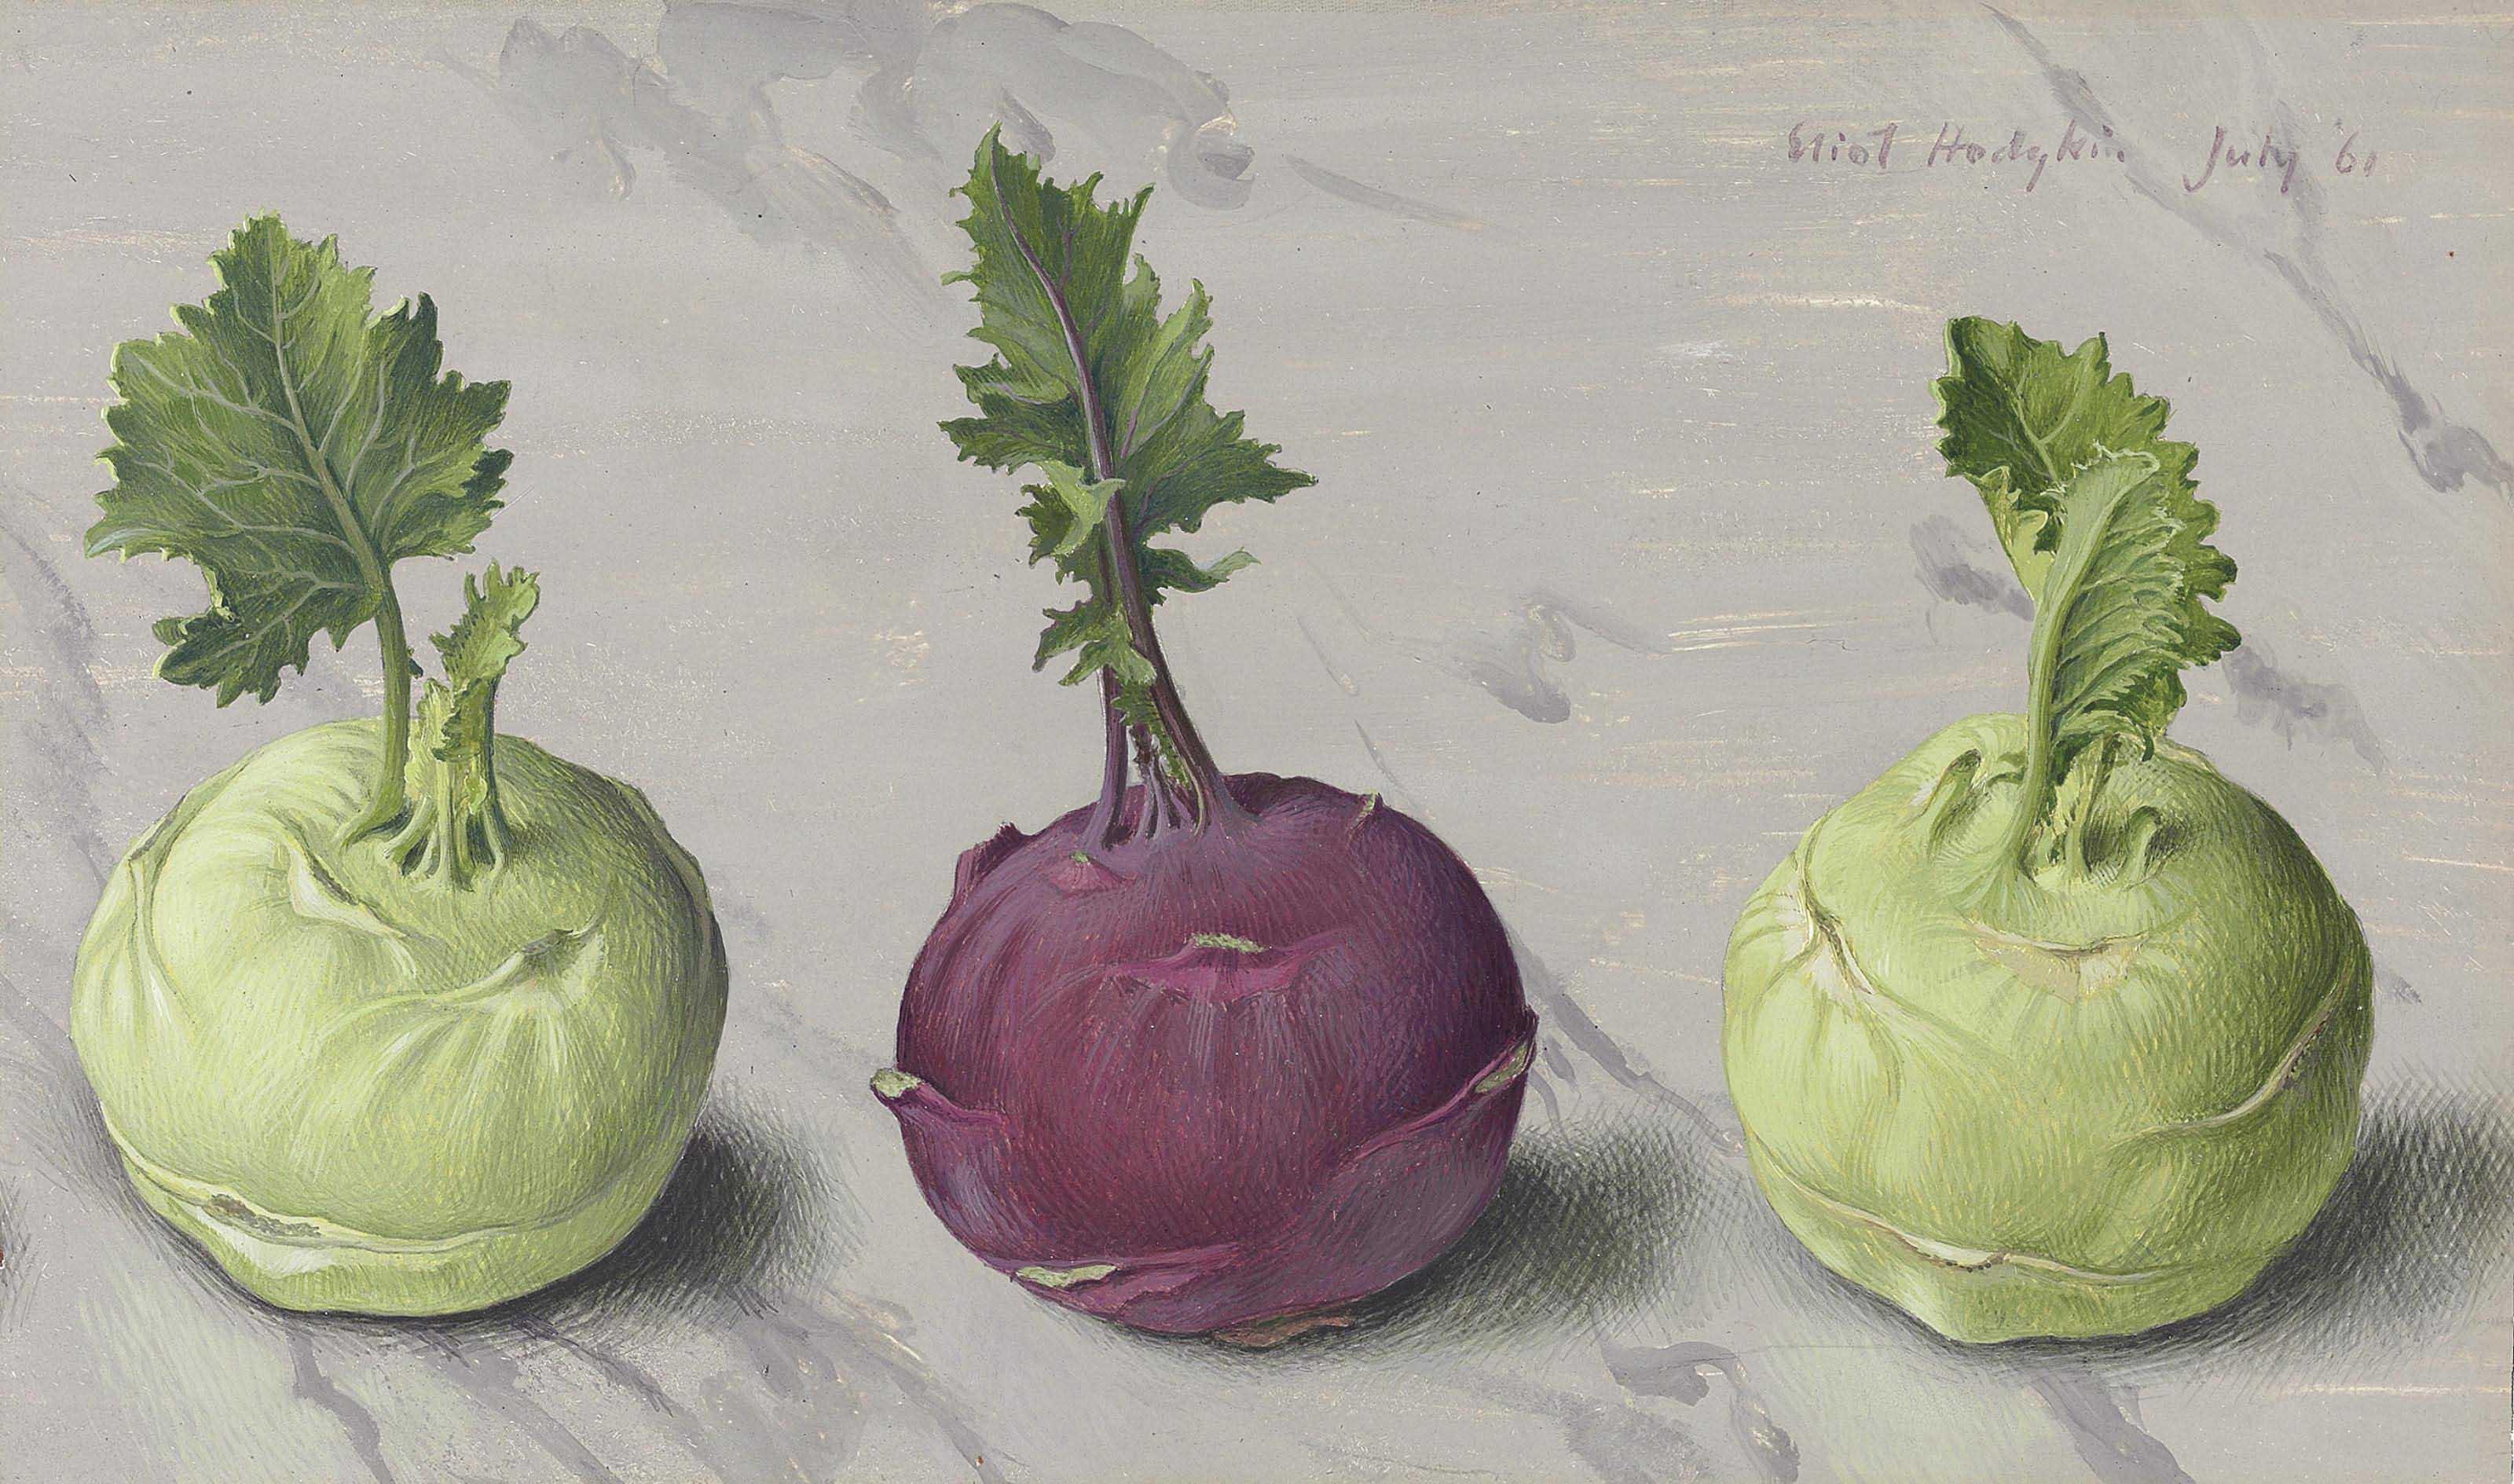 Three kohlrabi